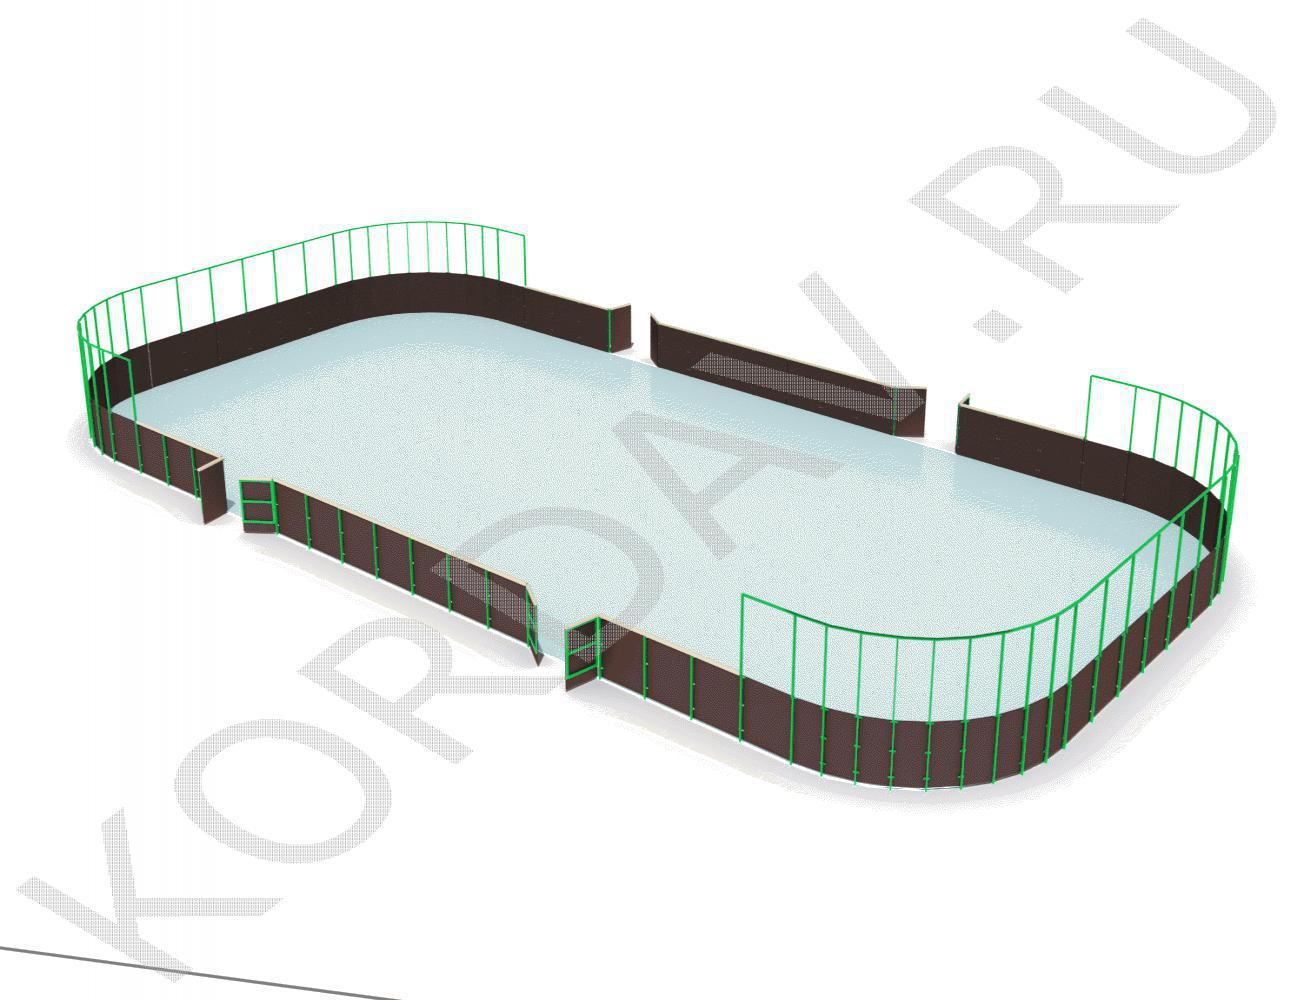 Хоккейная коробка из фанеры с высокими сетчатыми бортами СИ 6.284